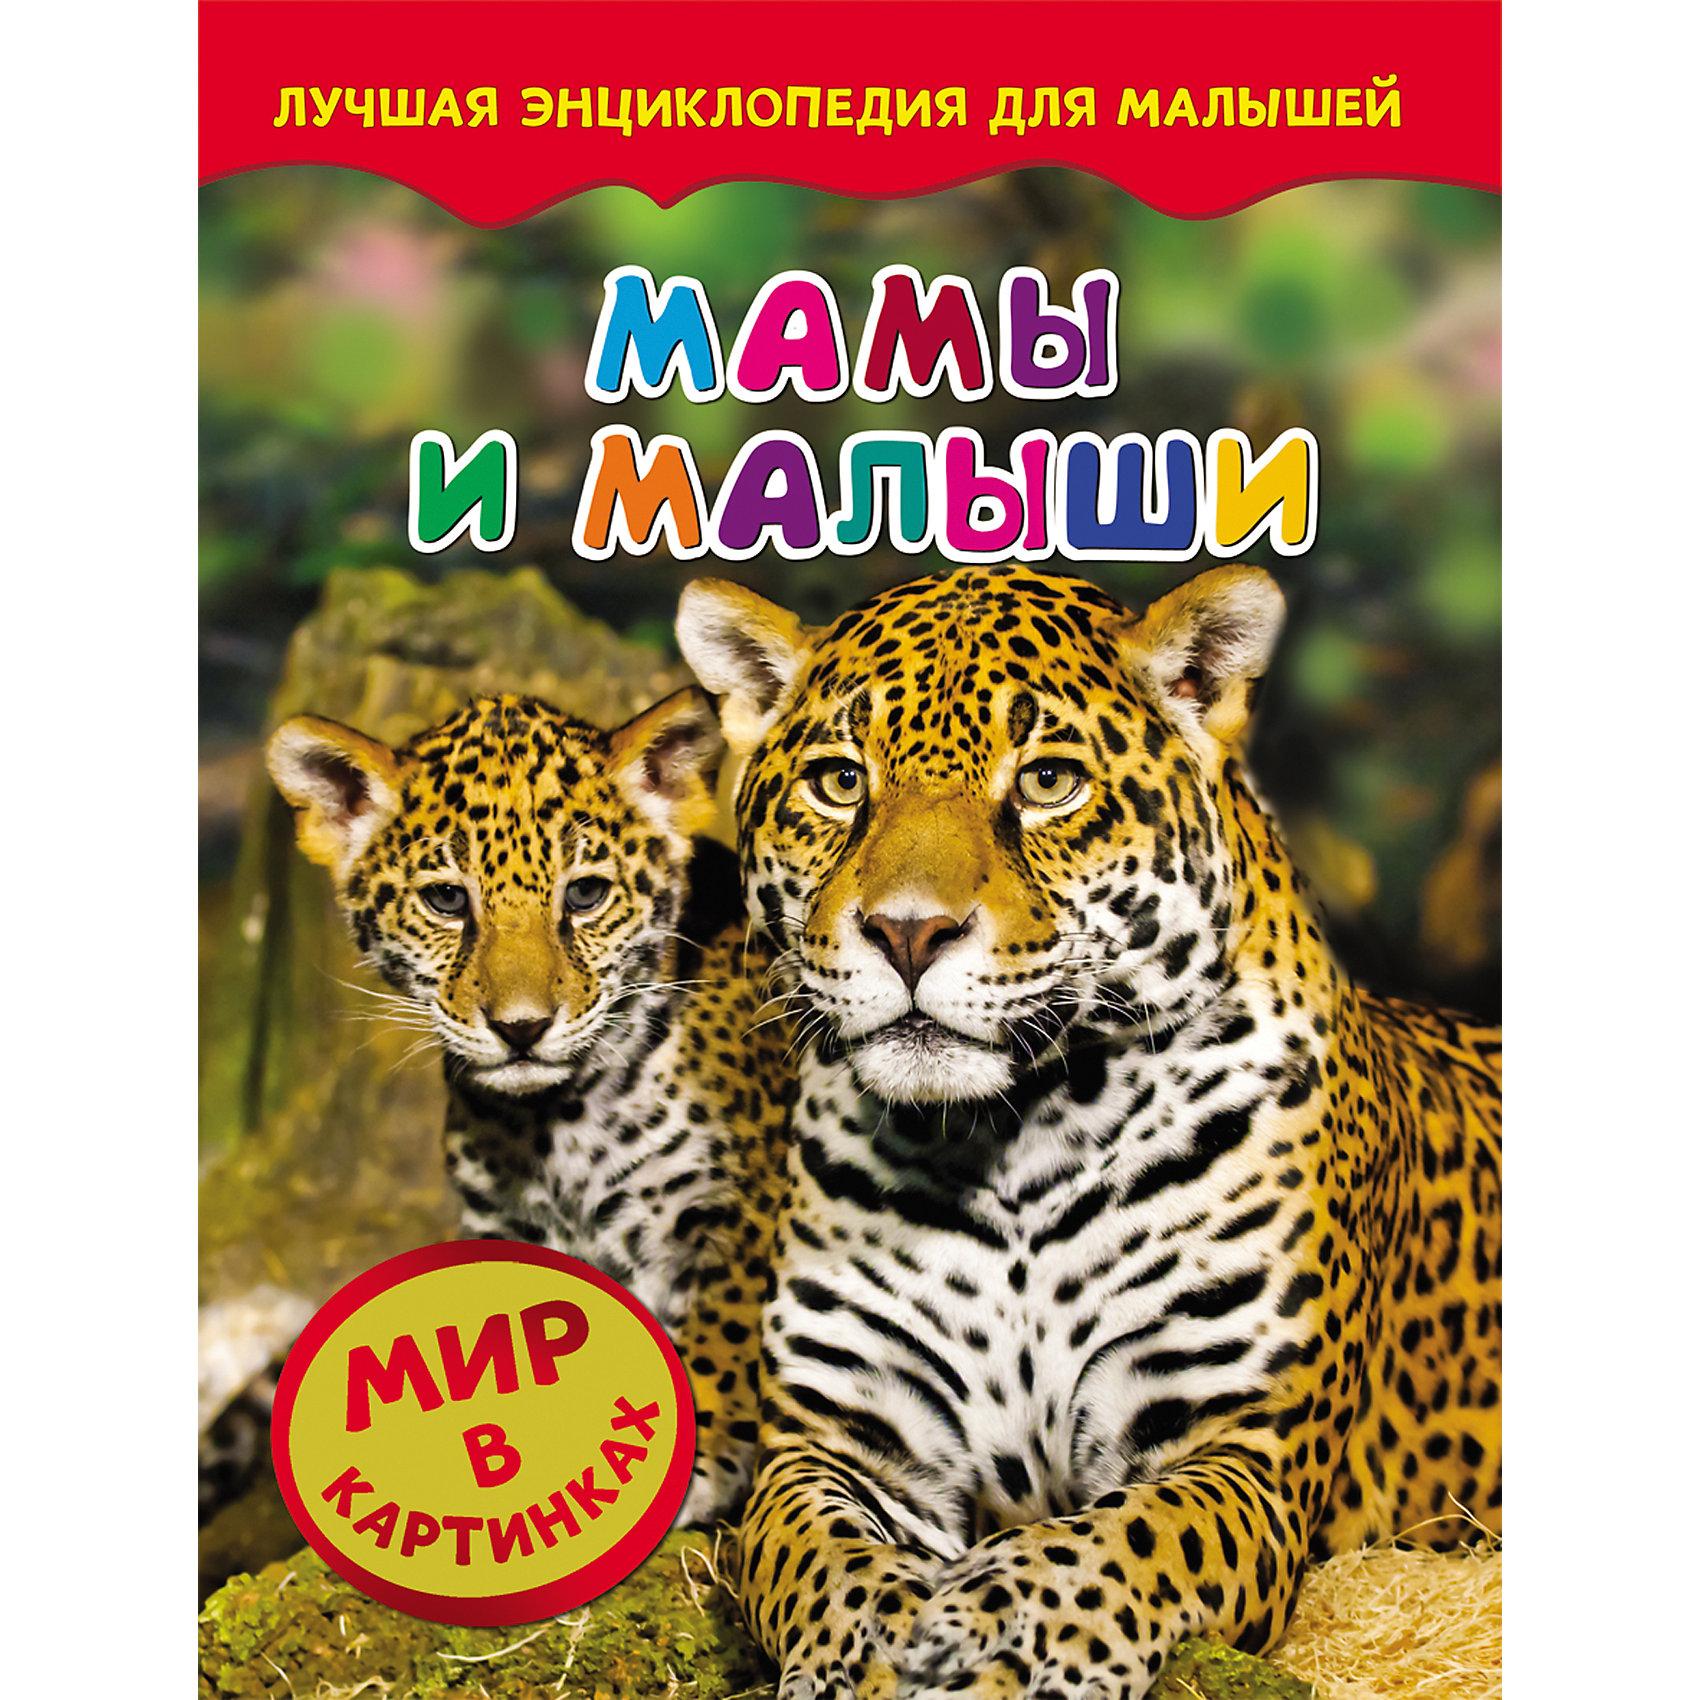 Мамы и малыши, Мир в картинкахВ раннем возрасте дети любят рассматривать картинки. Книги с яркими фотографиями познакомят малыша с техникой, автомобилями, с разными видами животных, дадут самые первые знания об окружающем мире. Познавай и открывай МИР В КАРТИНКАХ!<br><br>Ширина мм: 265<br>Глубина мм: 200<br>Высота мм: 8<br>Вес г: 288<br>Возраст от месяцев: 36<br>Возраст до месяцев: 72<br>Пол: Унисекс<br>Возраст: Детский<br>SKU: 4756077